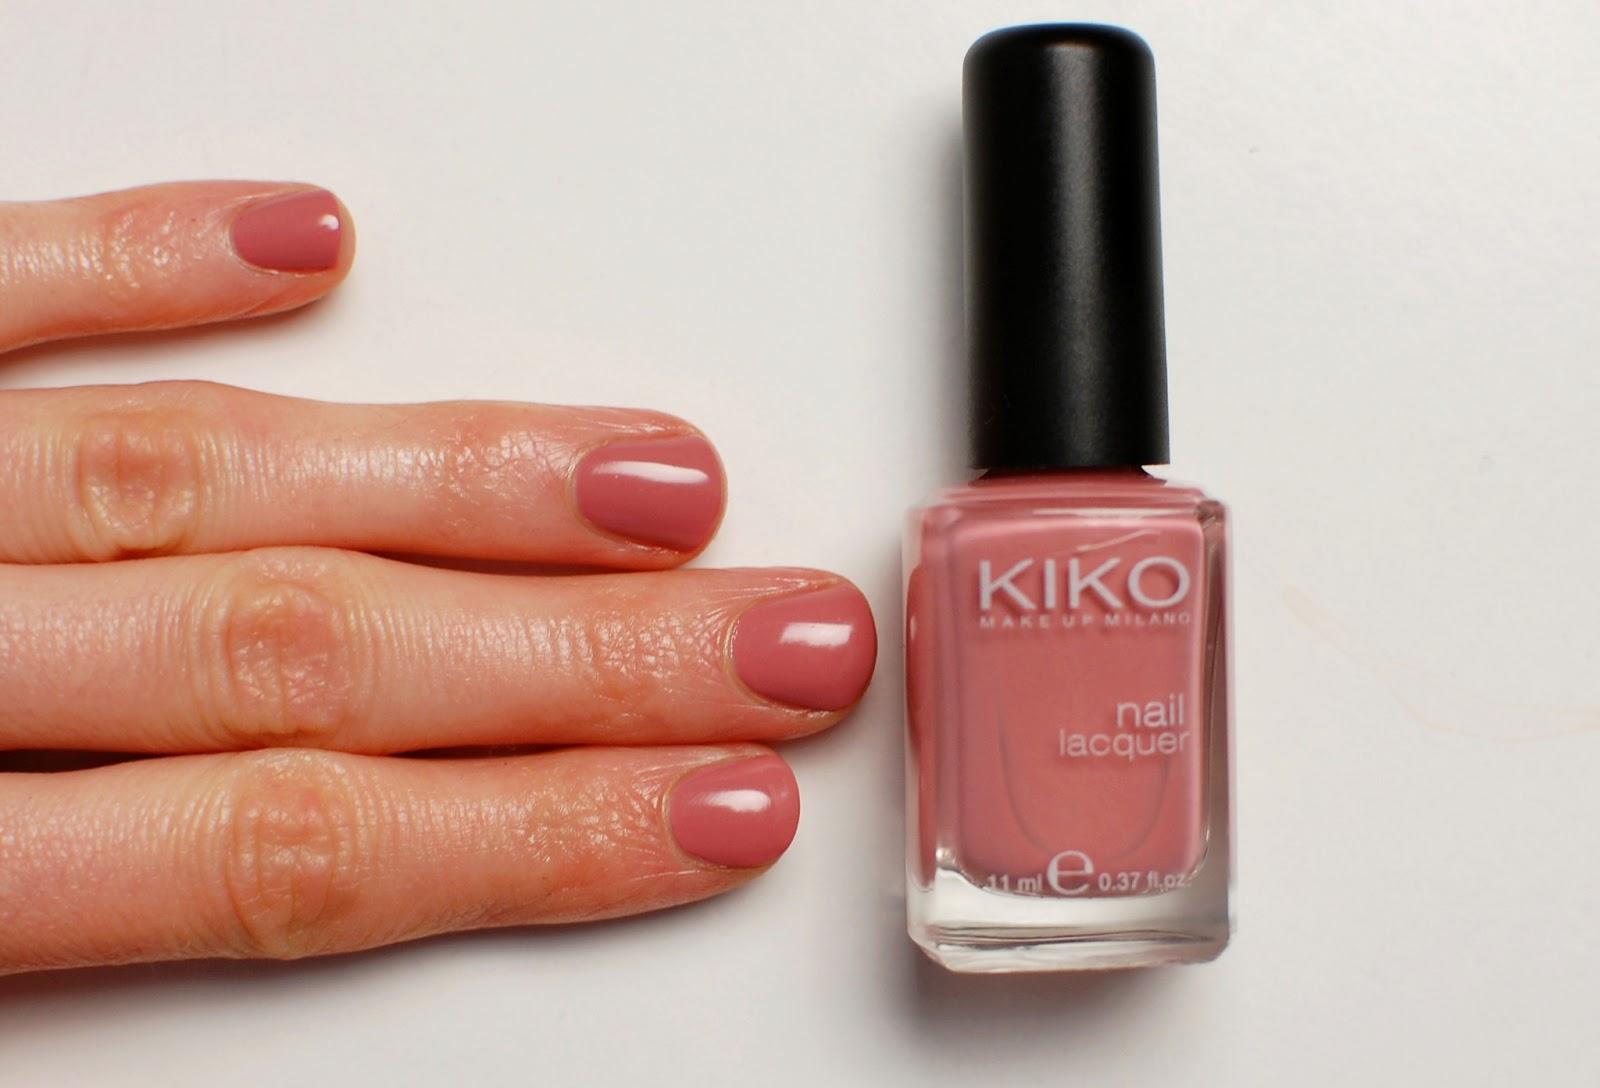 Kiko 375, Bois de Rose